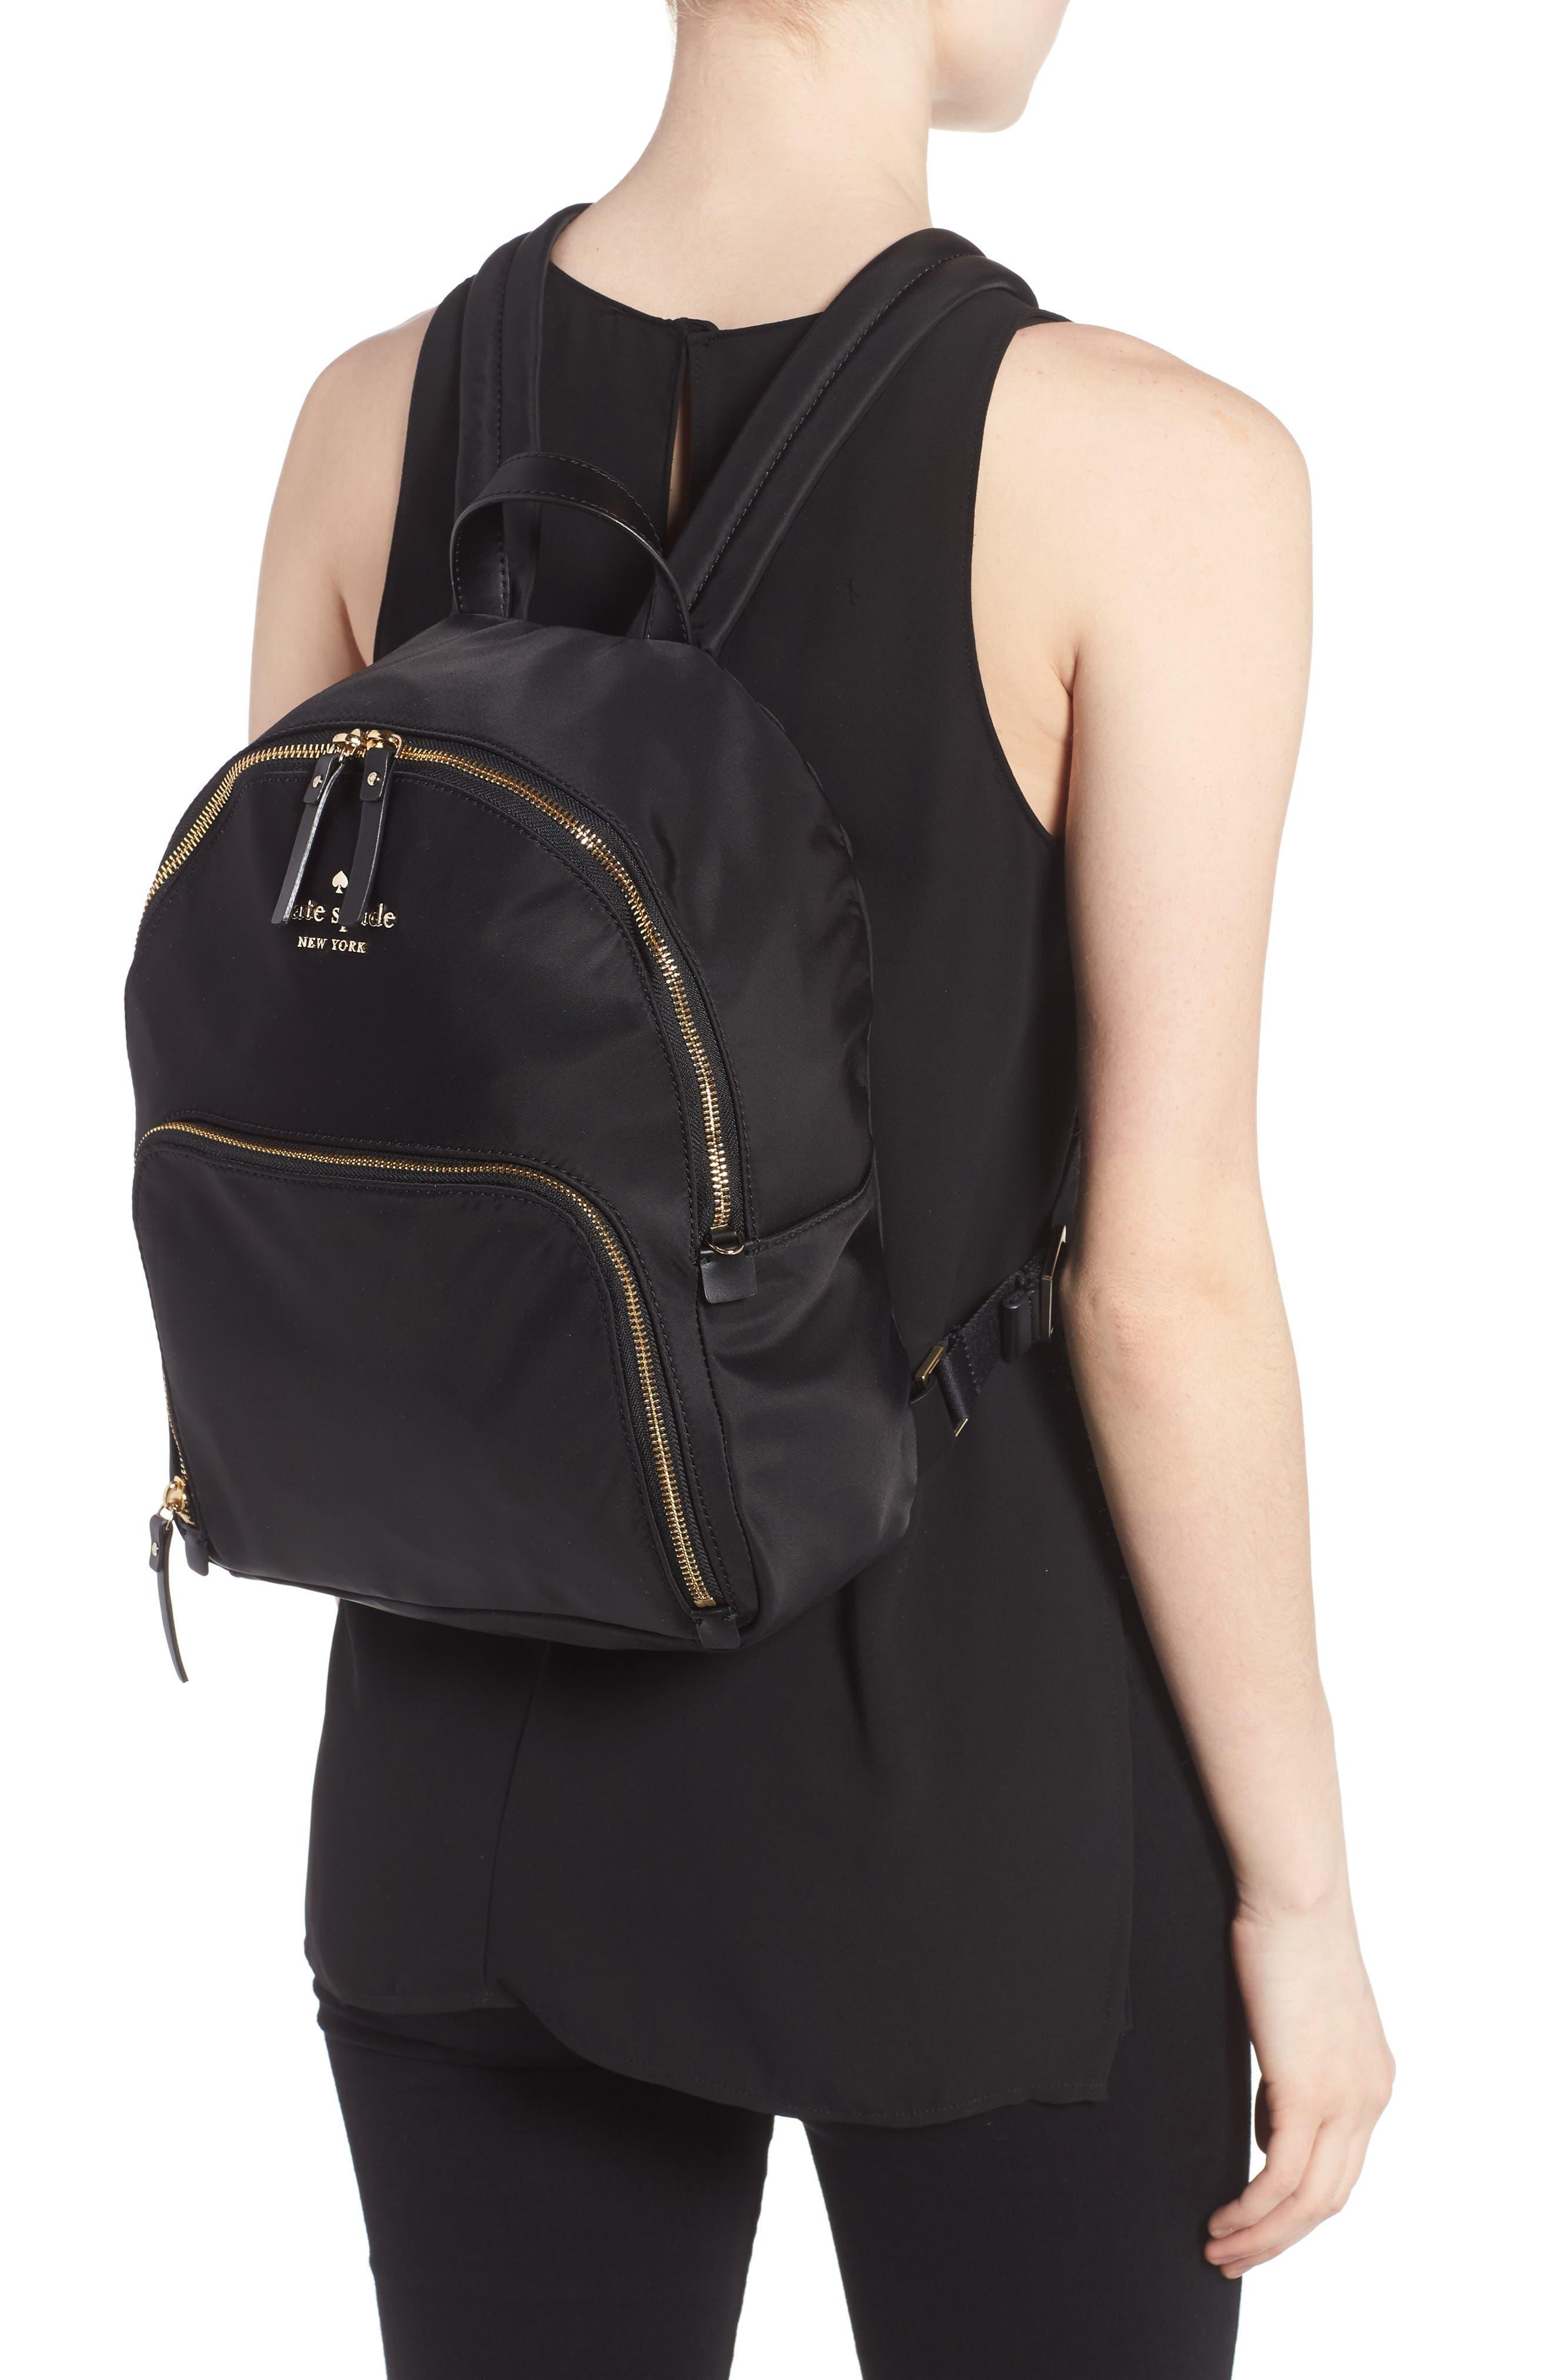 watson lane - hartley nylon backpack,                             Alternate thumbnail 2, color,                             BLACK